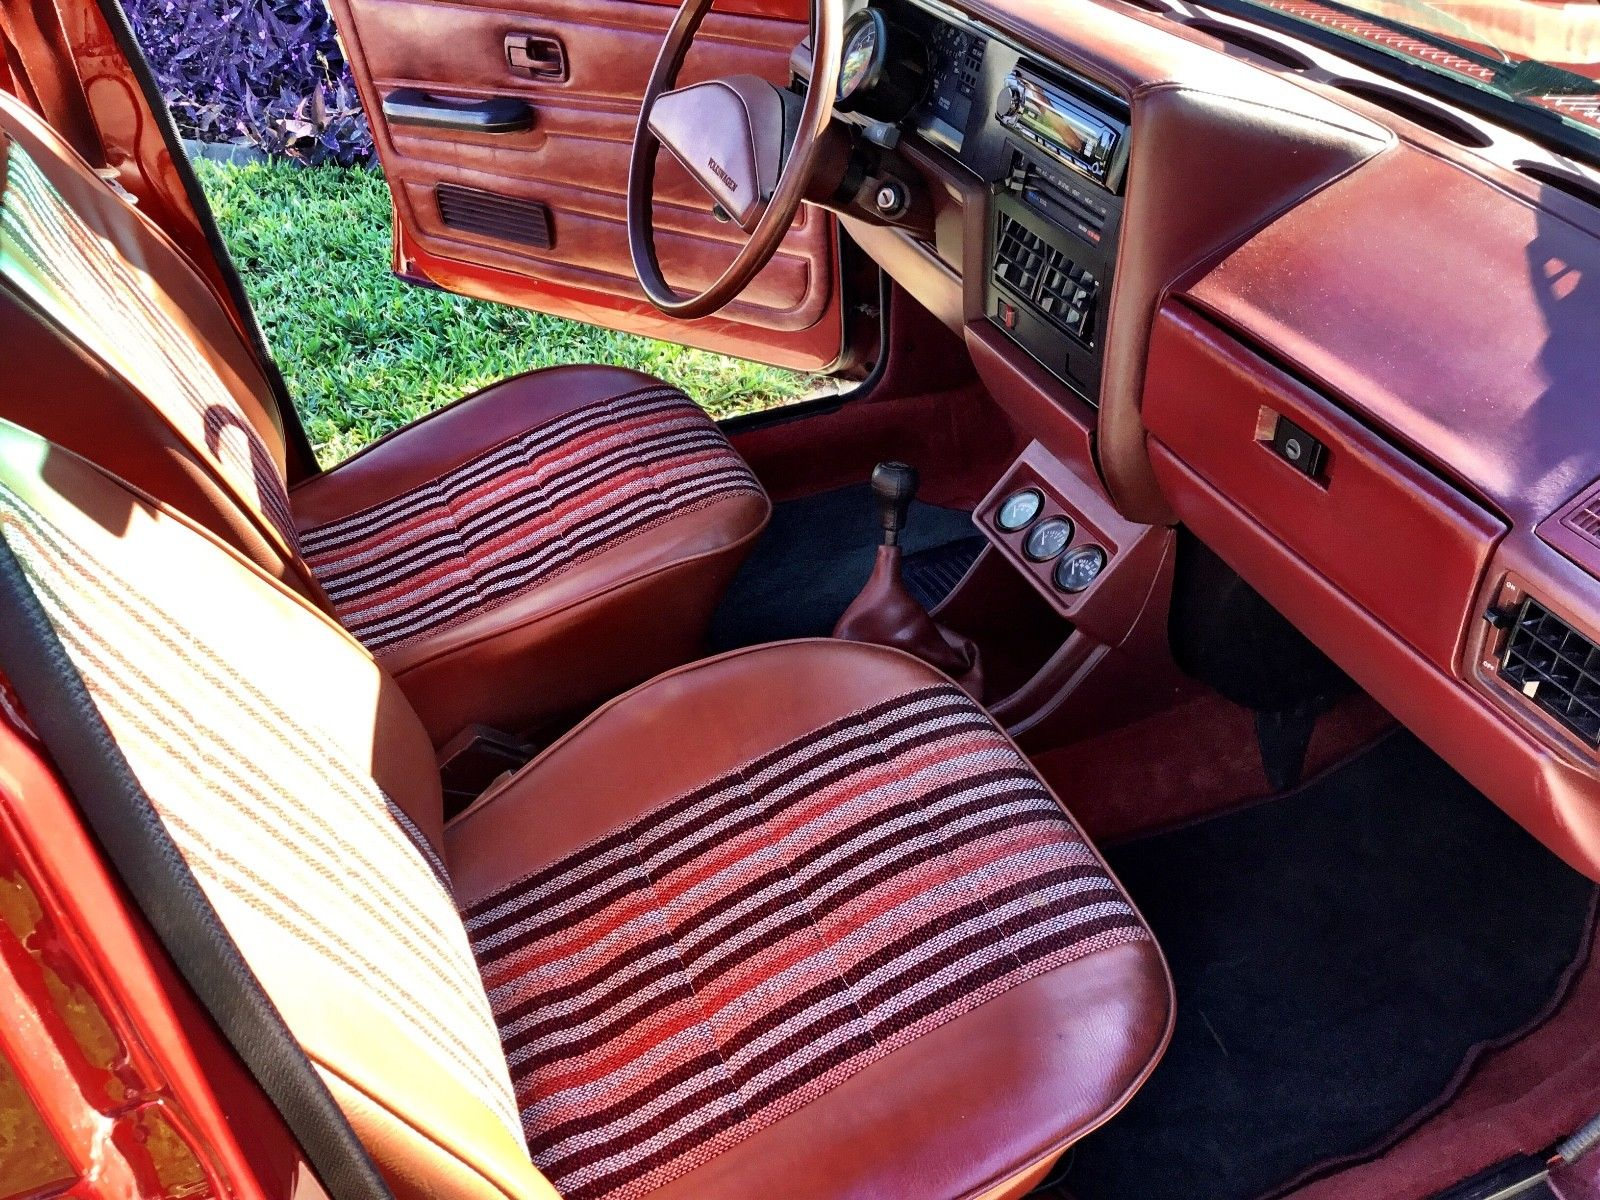 1981 Volkswagen Pick Up interior